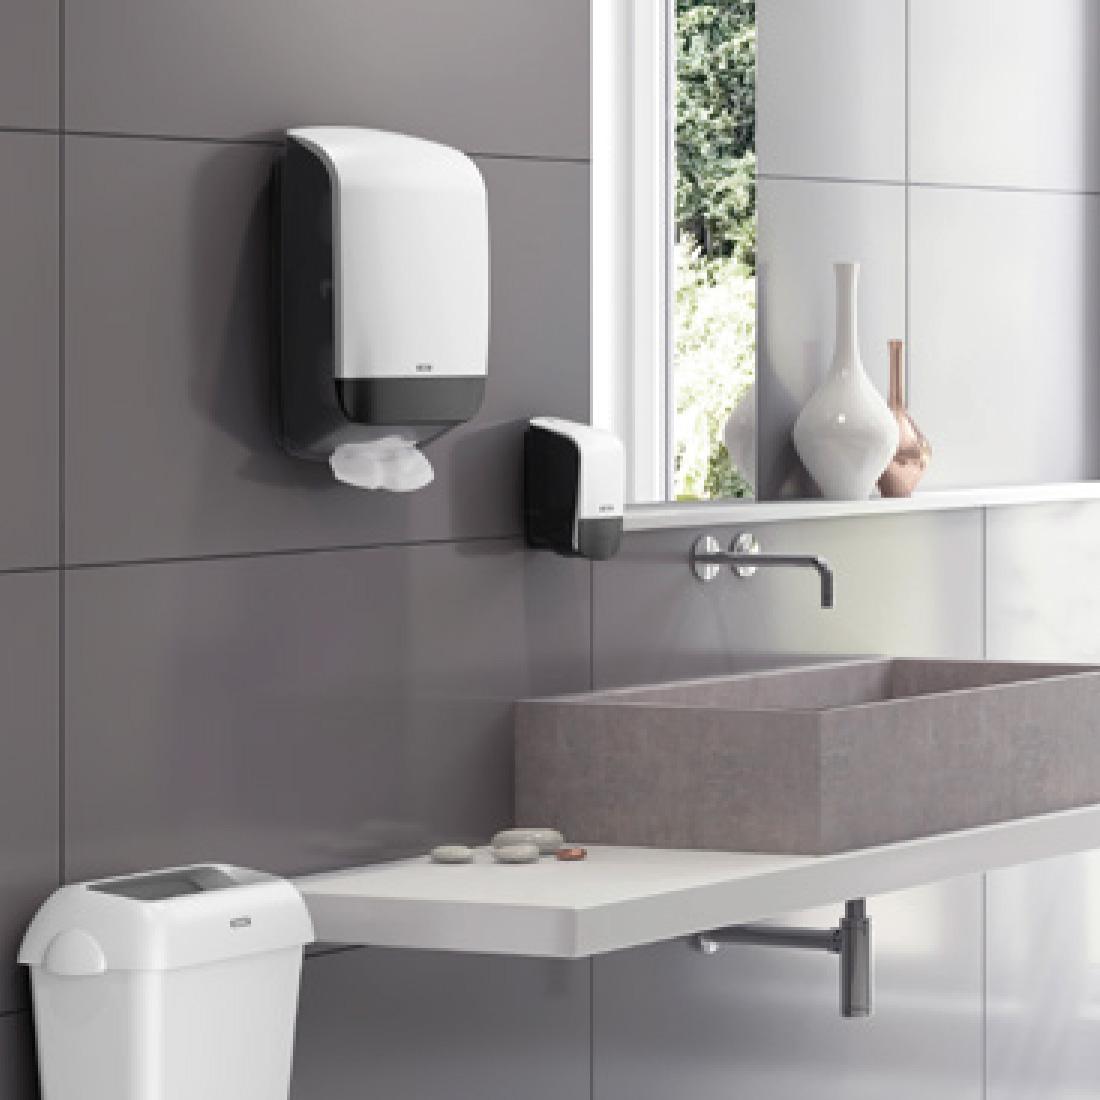 Hygiene - Wittusen & Jensen